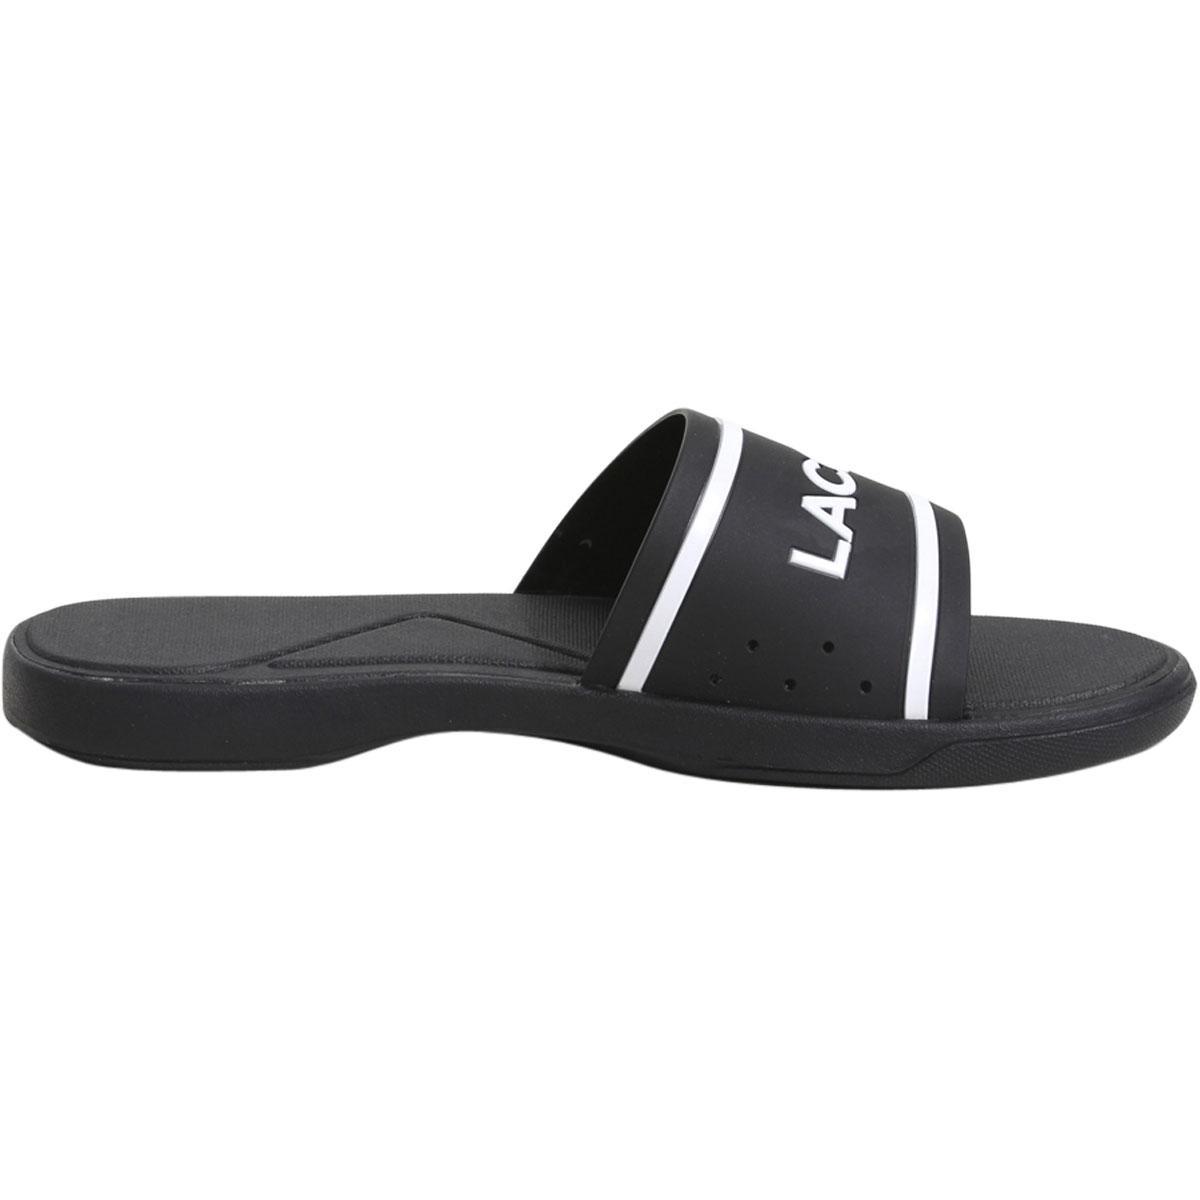 c9b8b429a941 Lacoste Men s L.30-Slide-118 Slip-On Sandals Shoes